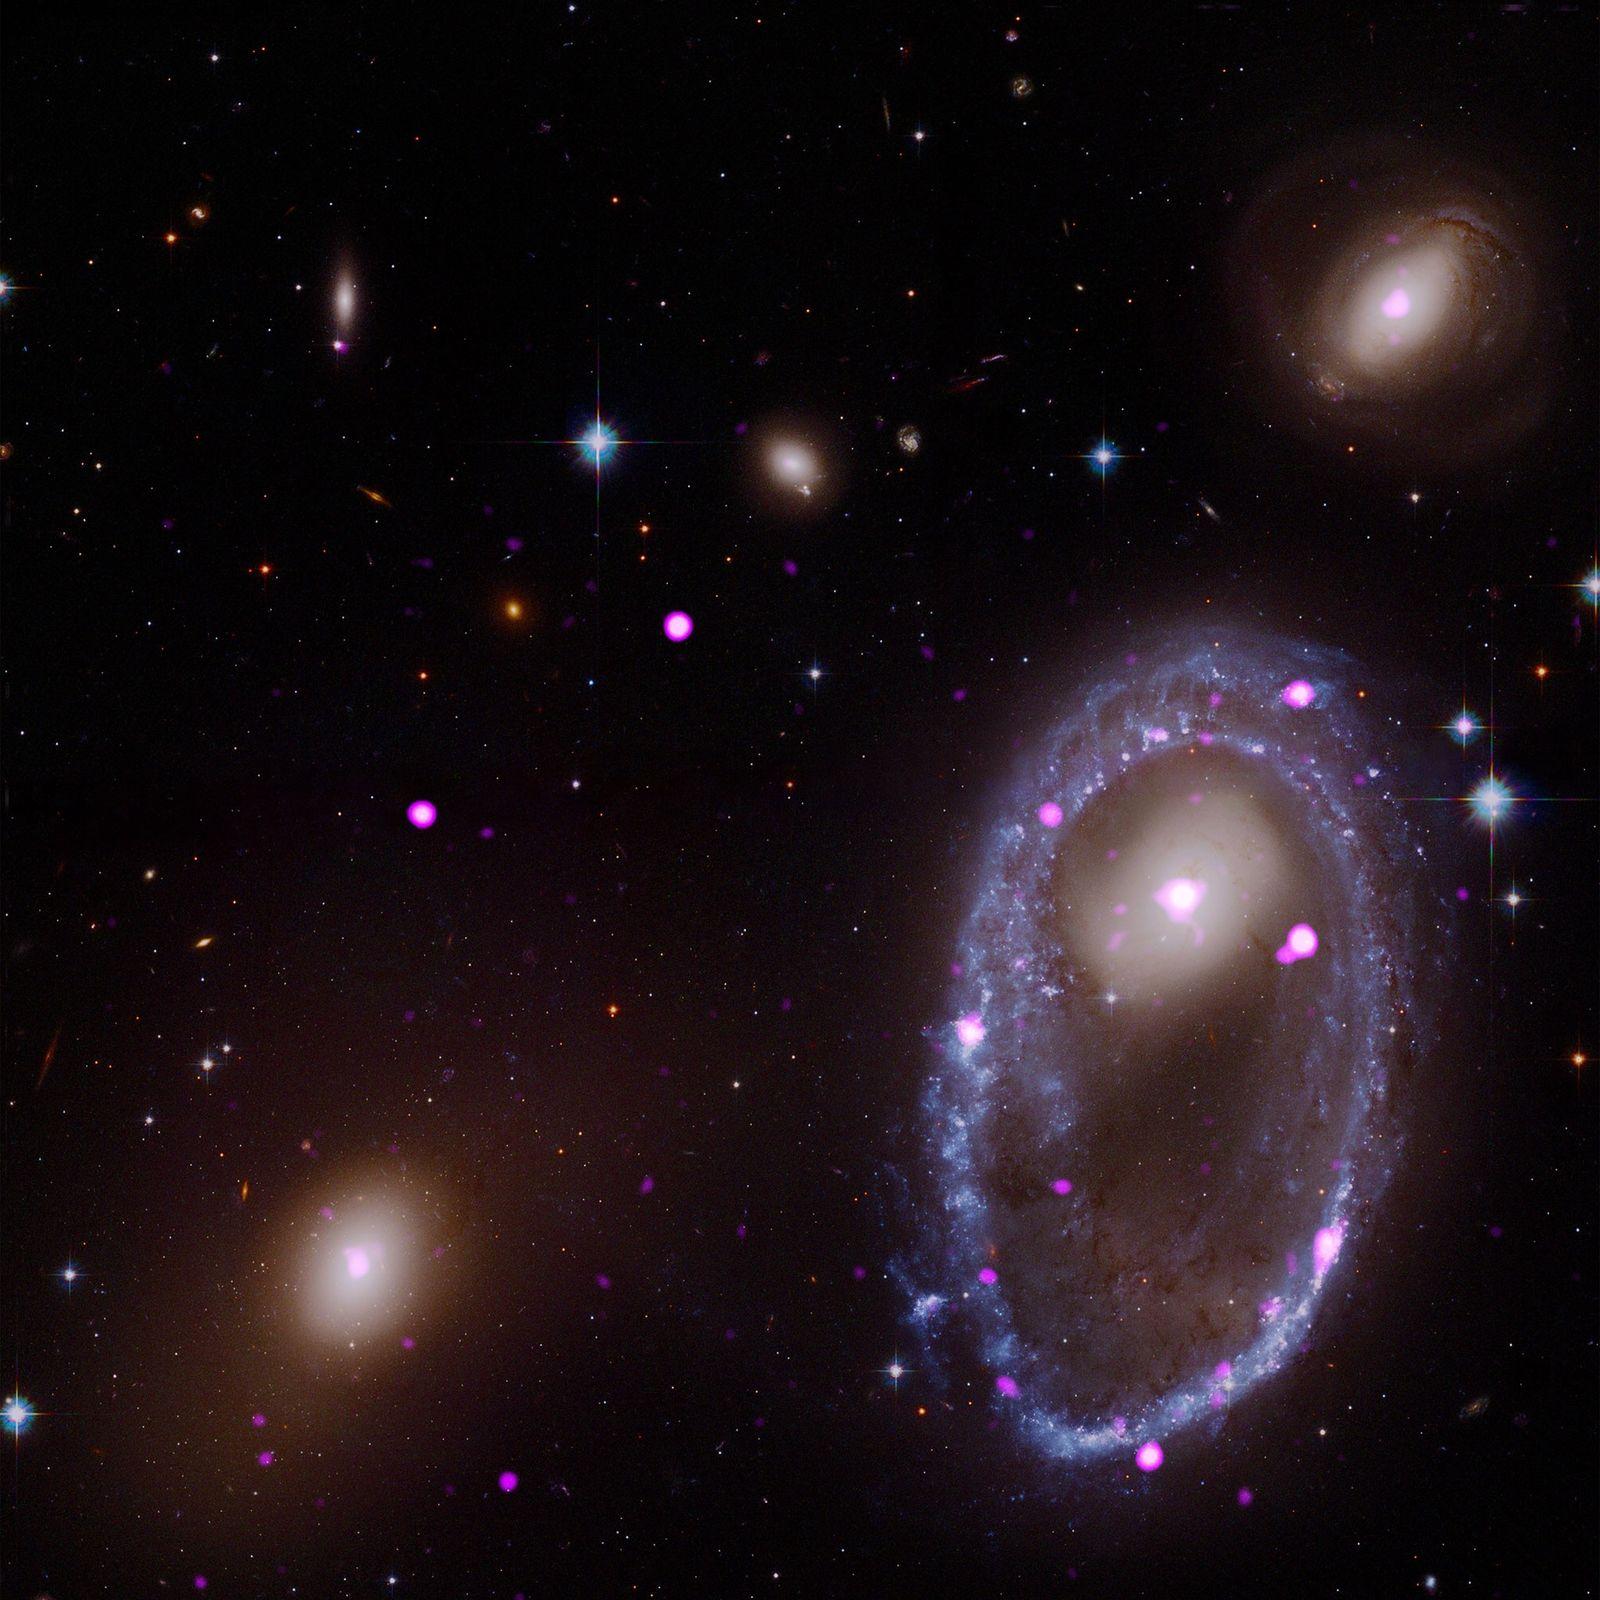 Una imagen compuesta desde los telescopios espaciales Hubble y Chandra muestra una galaxia anillo conocida como ...